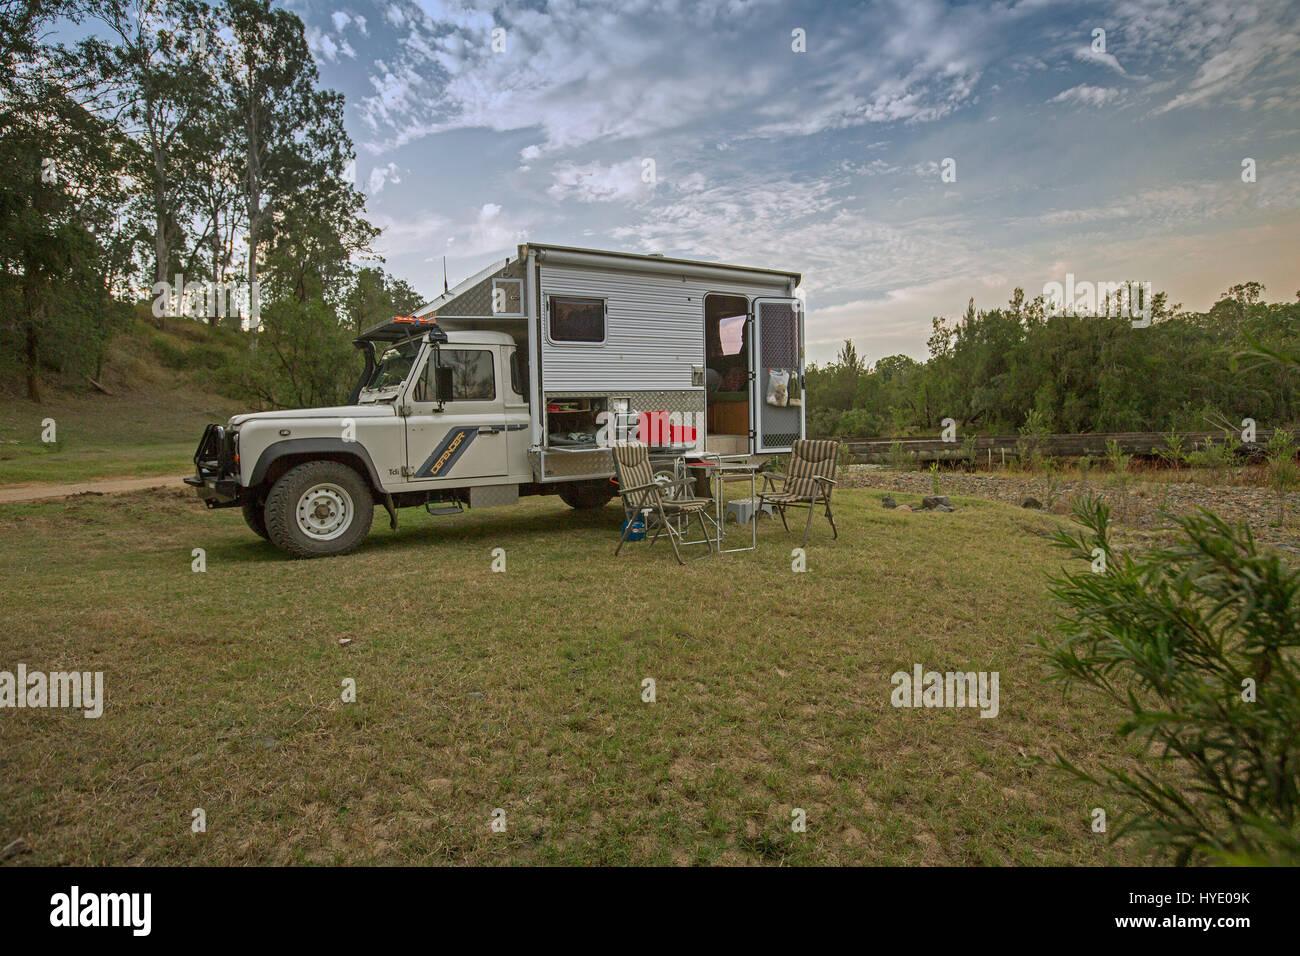 Hecho En Casa Land Rover Caravana Casa Movil En La Zona De